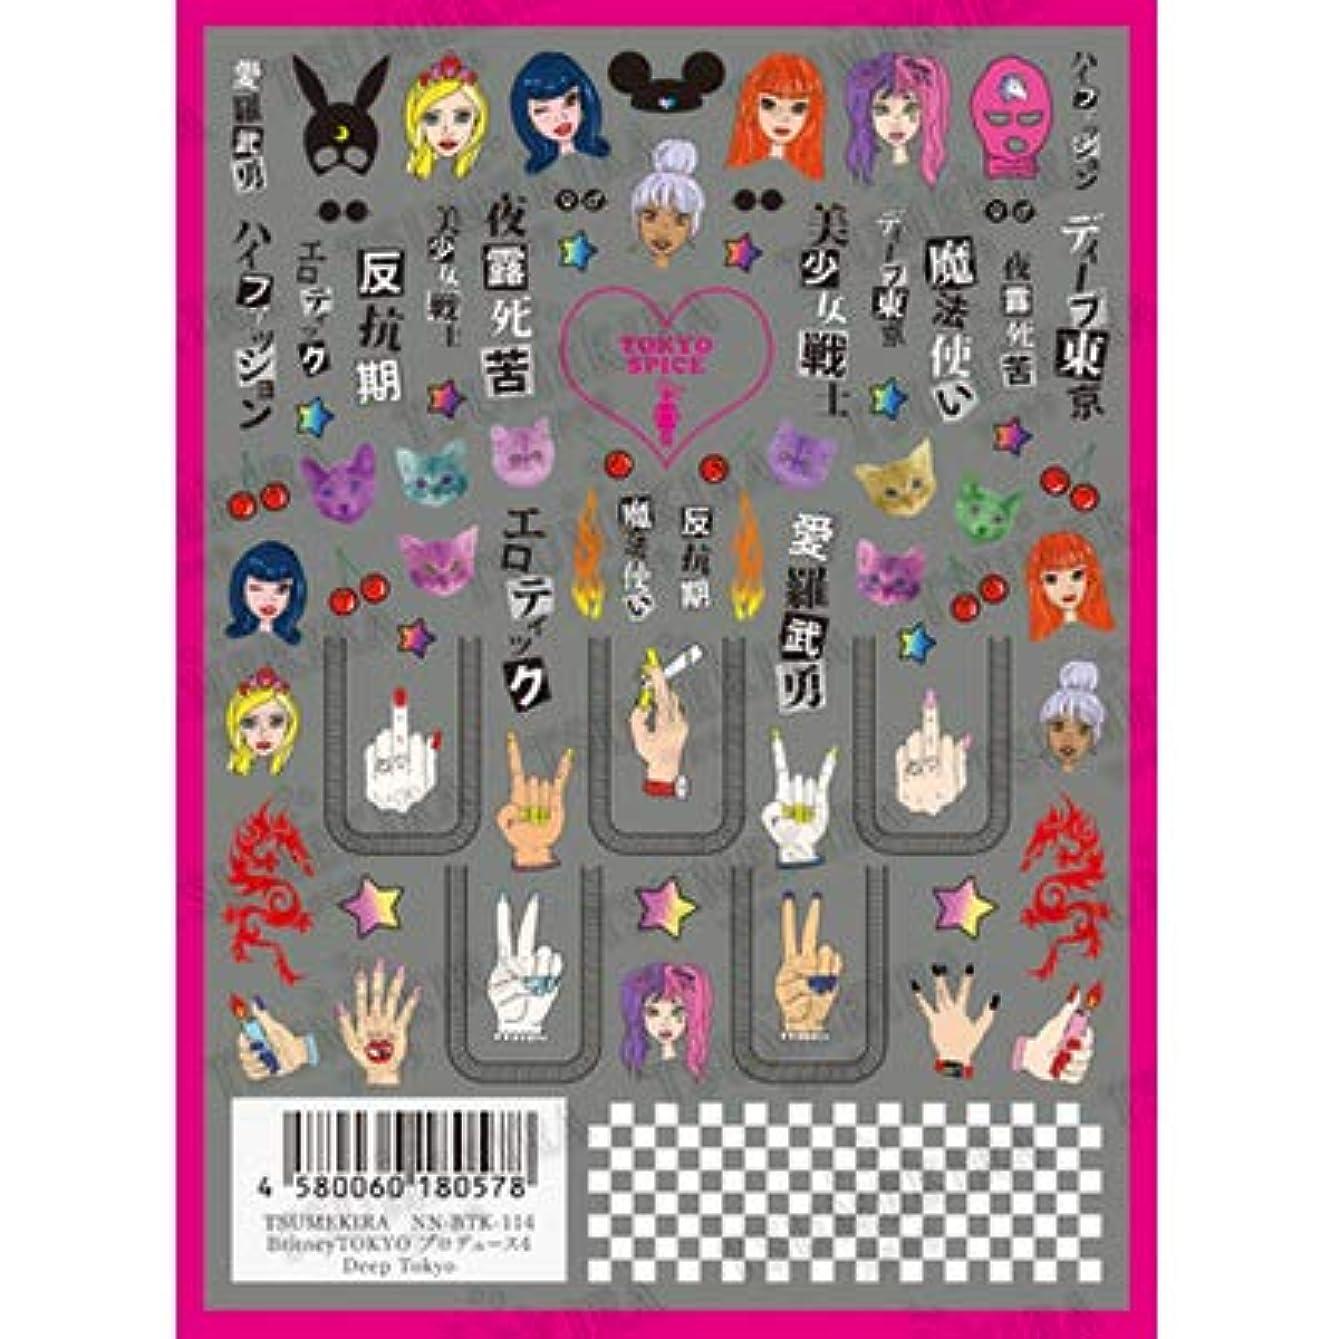 猛烈な熟すスイTSUMEKIRA(ツメキラ) ネイルシール BritneyTOKYOプロデュース4 Deep Tokyo NN-BTK-114 1枚